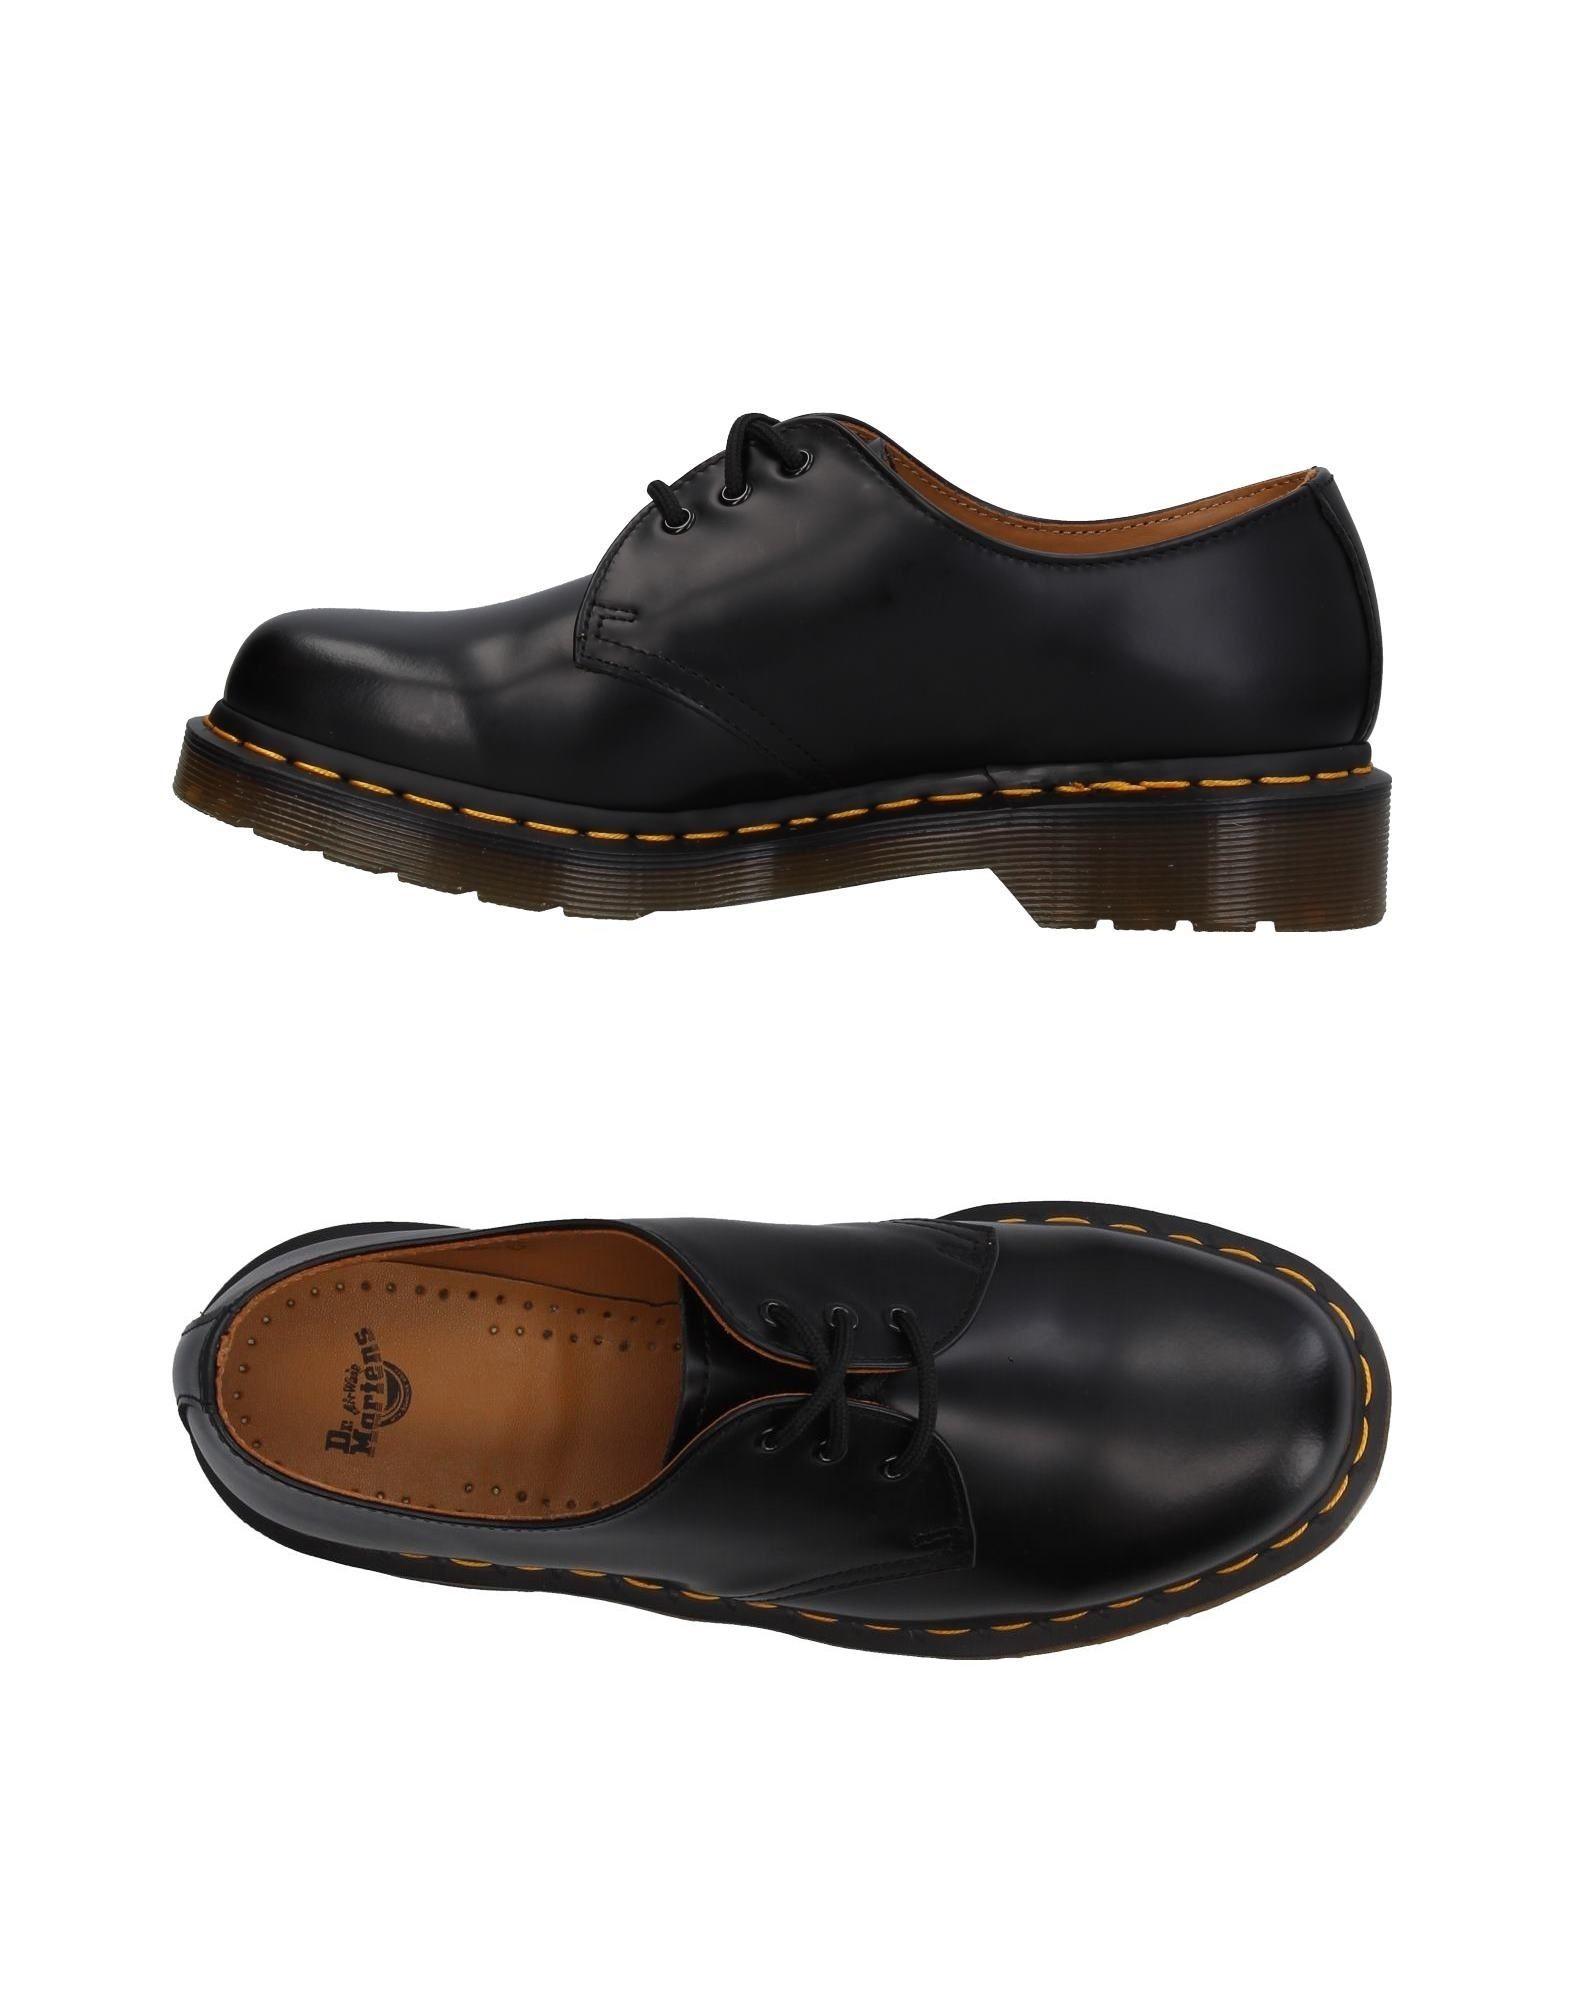 Dr. Martens Schnürschuhe Damen  11375895RU Gute Qualität beliebte Schuhe